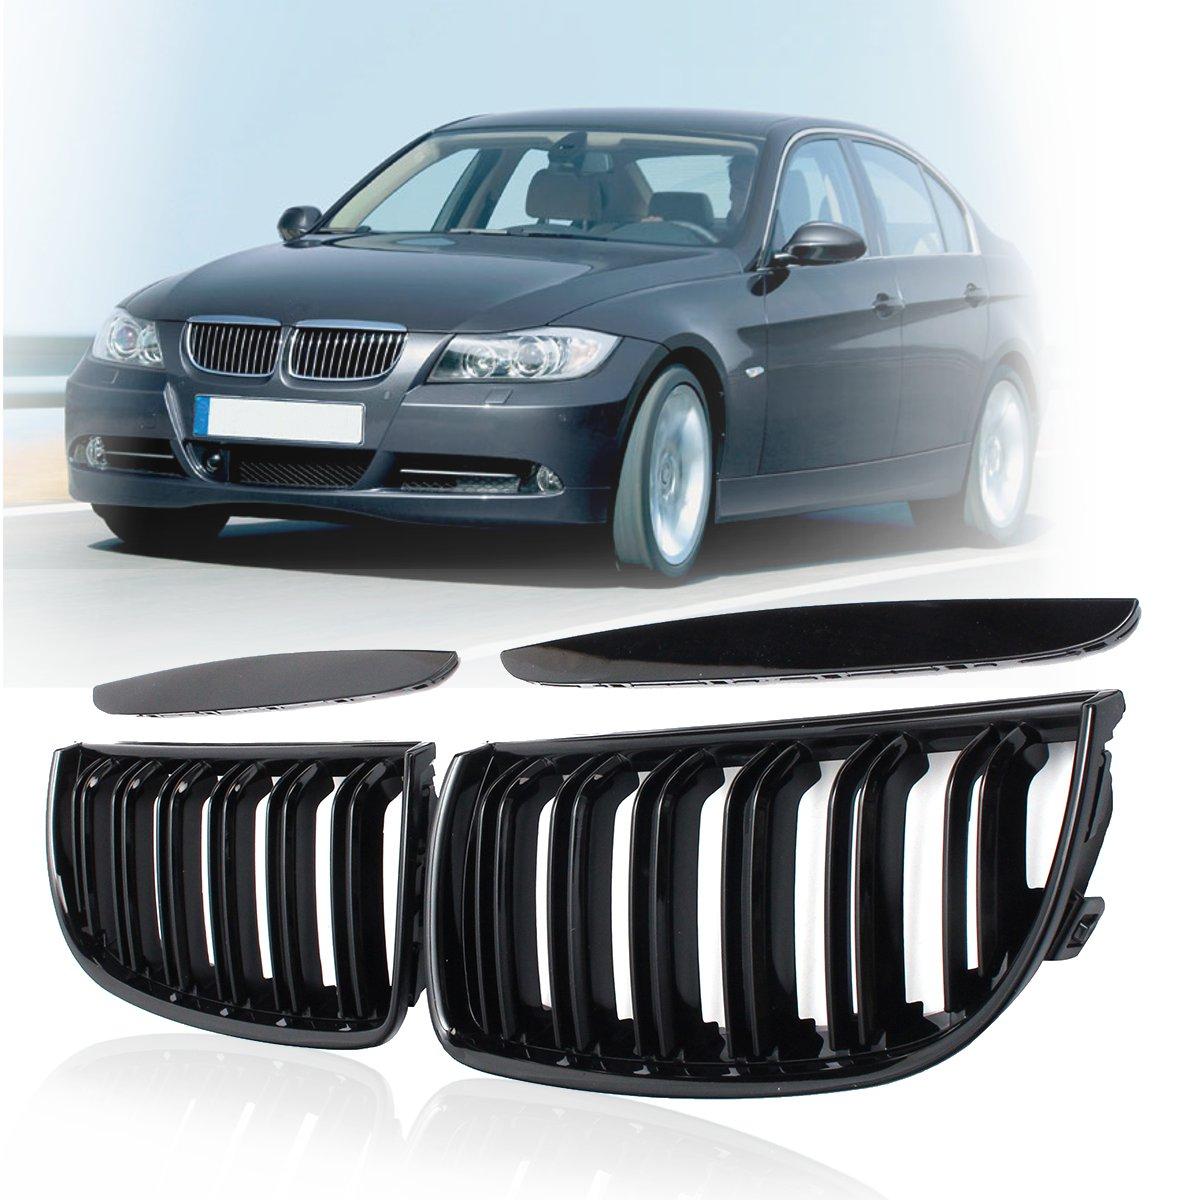 4 สีคู่ Matt Carbon M สีดำ 2 สายคู่ SLAT ไต Grille ย่างสำหรับ BMW E90 e91 4 ประตู 2005 06 07 2008